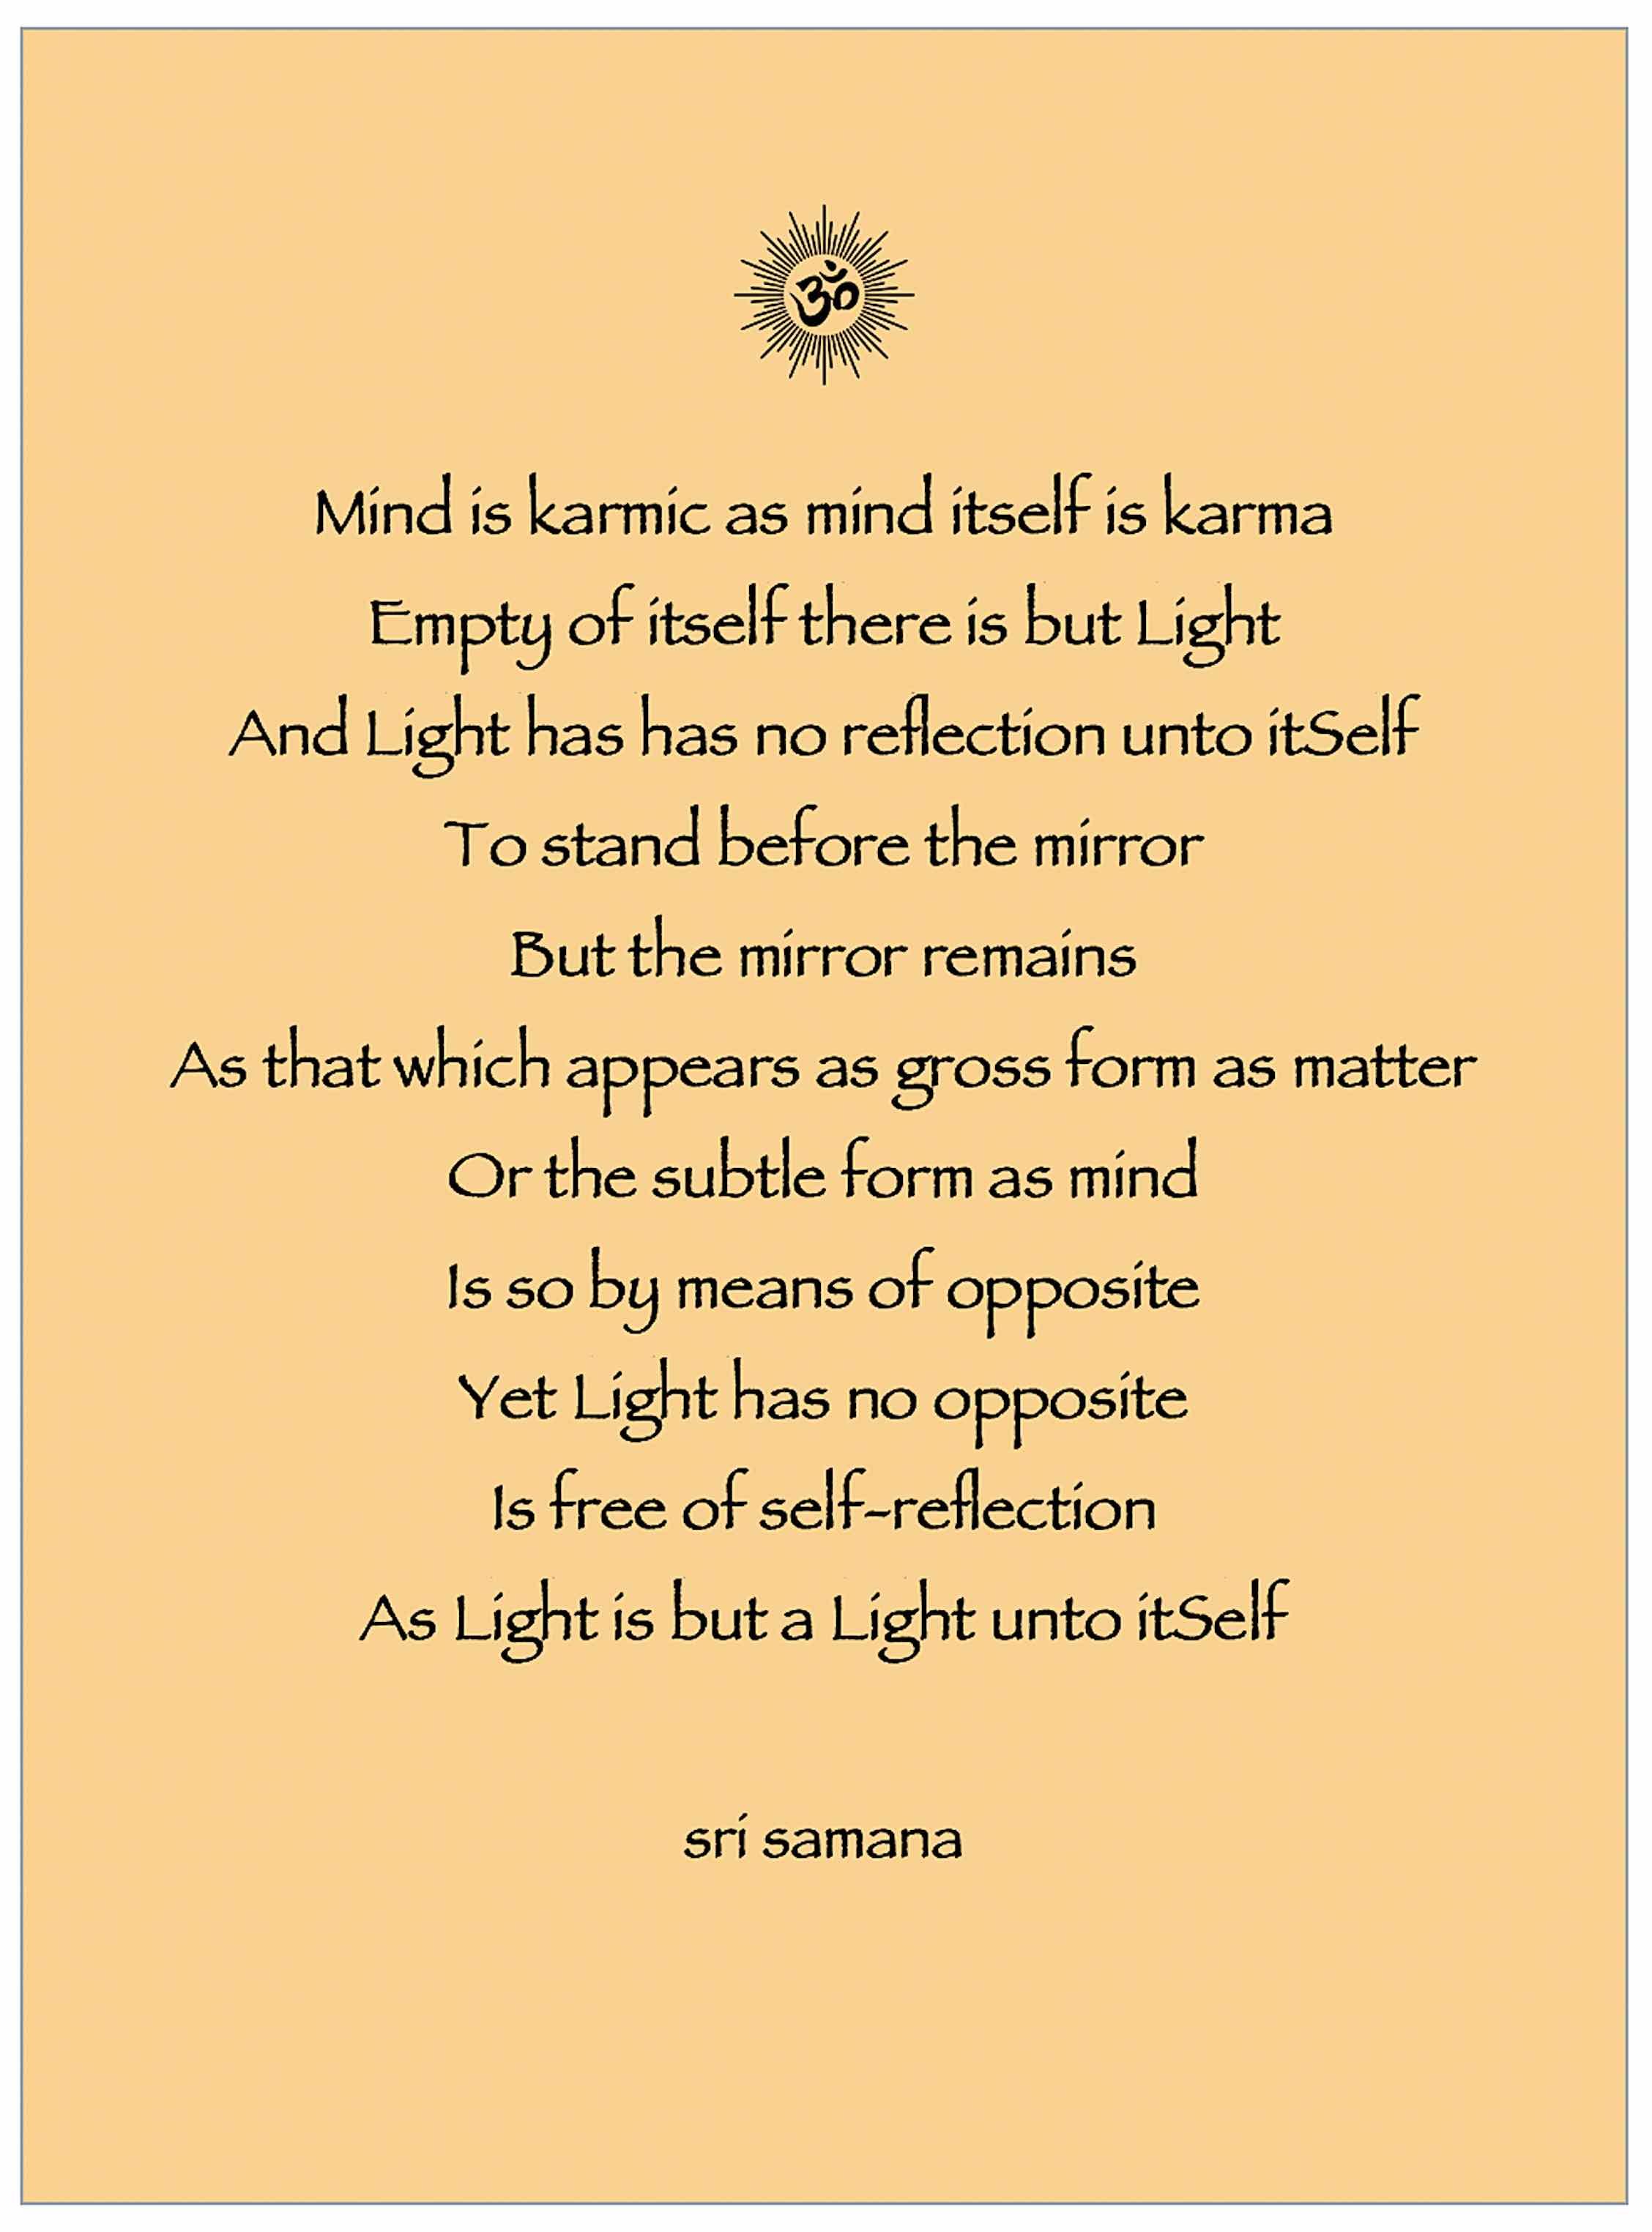 light is but a light unto itself©samana.jpg